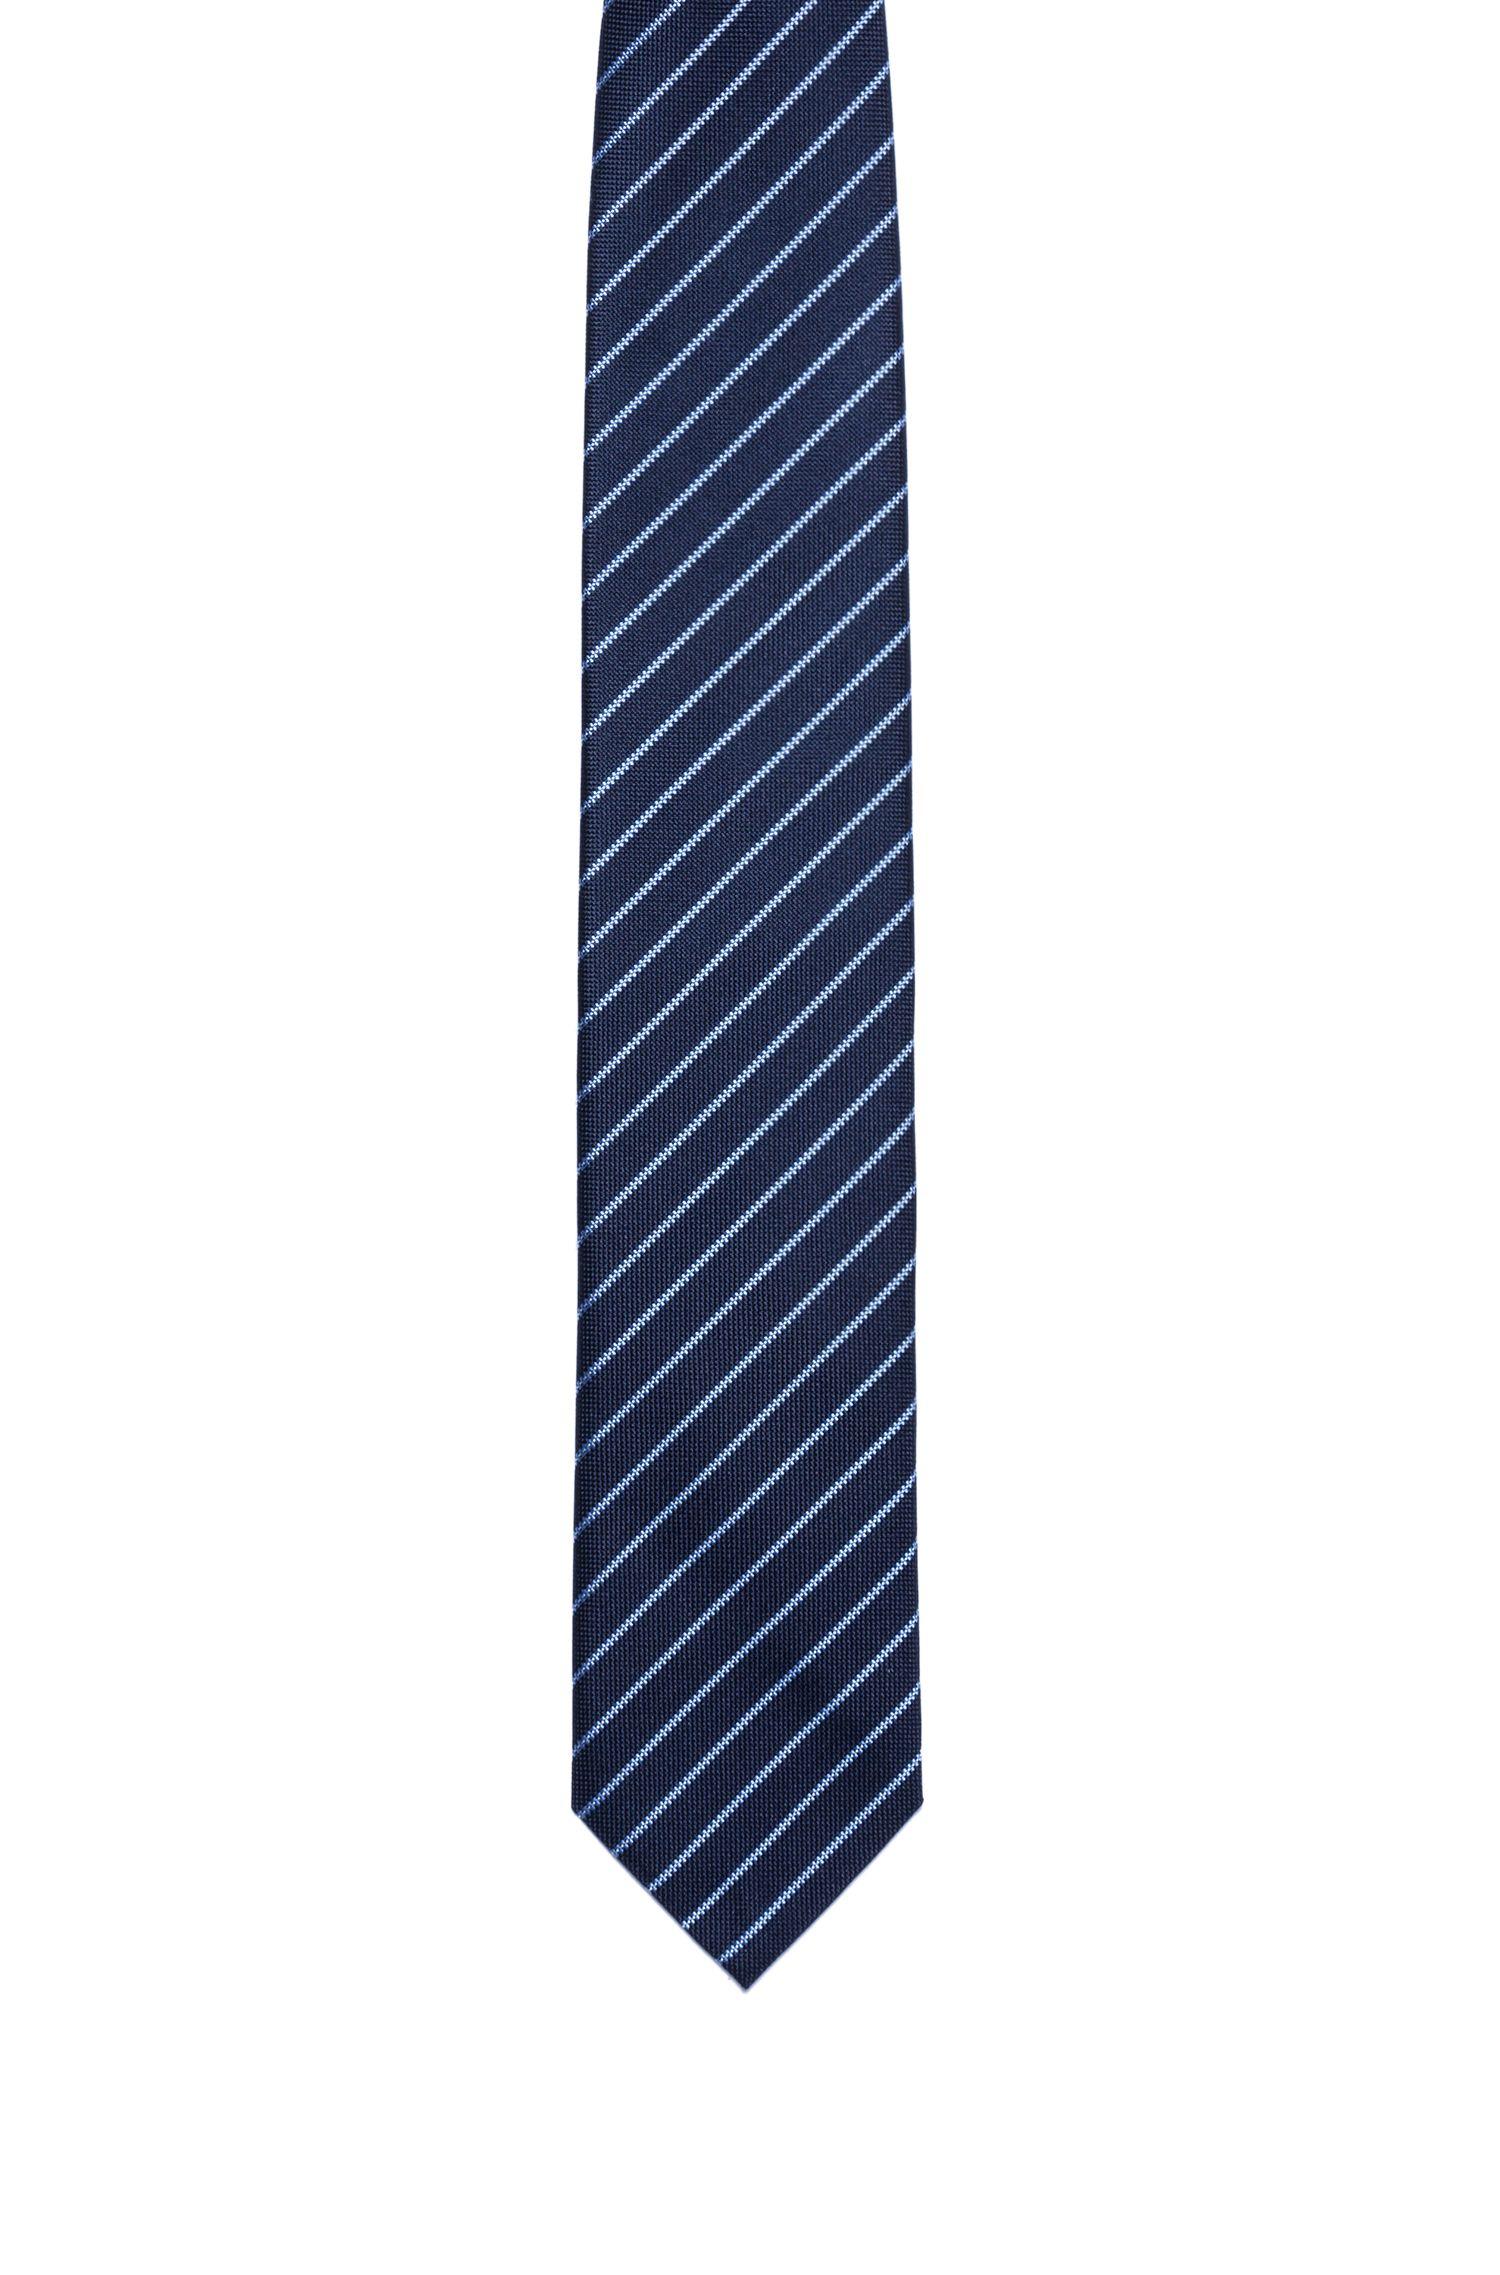 Krawatte aus Seide mit diagonalem Streifen-Muster